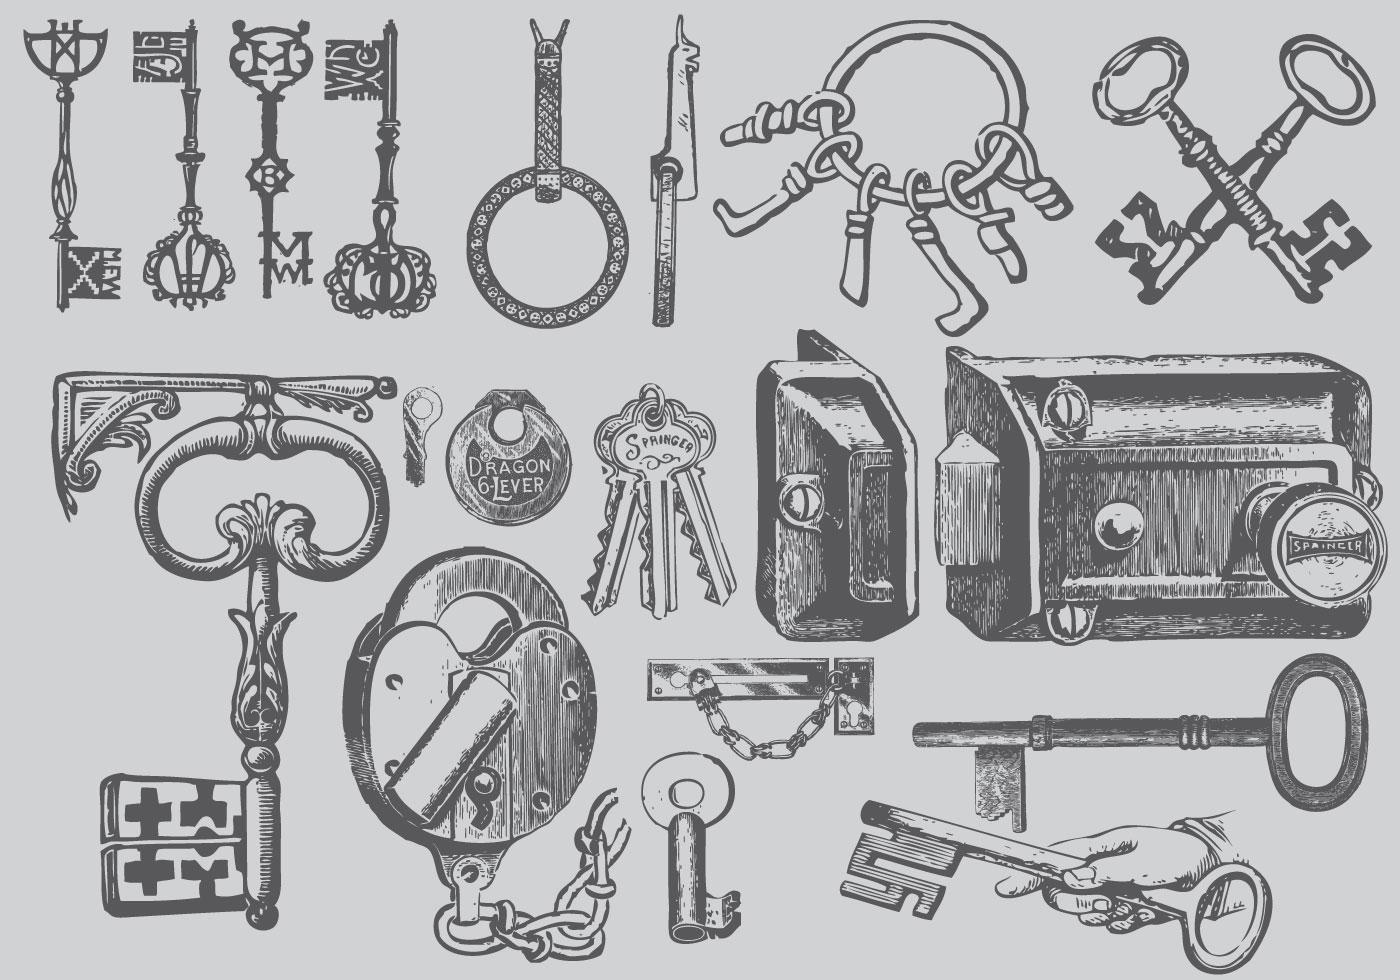 Classics Key Of G